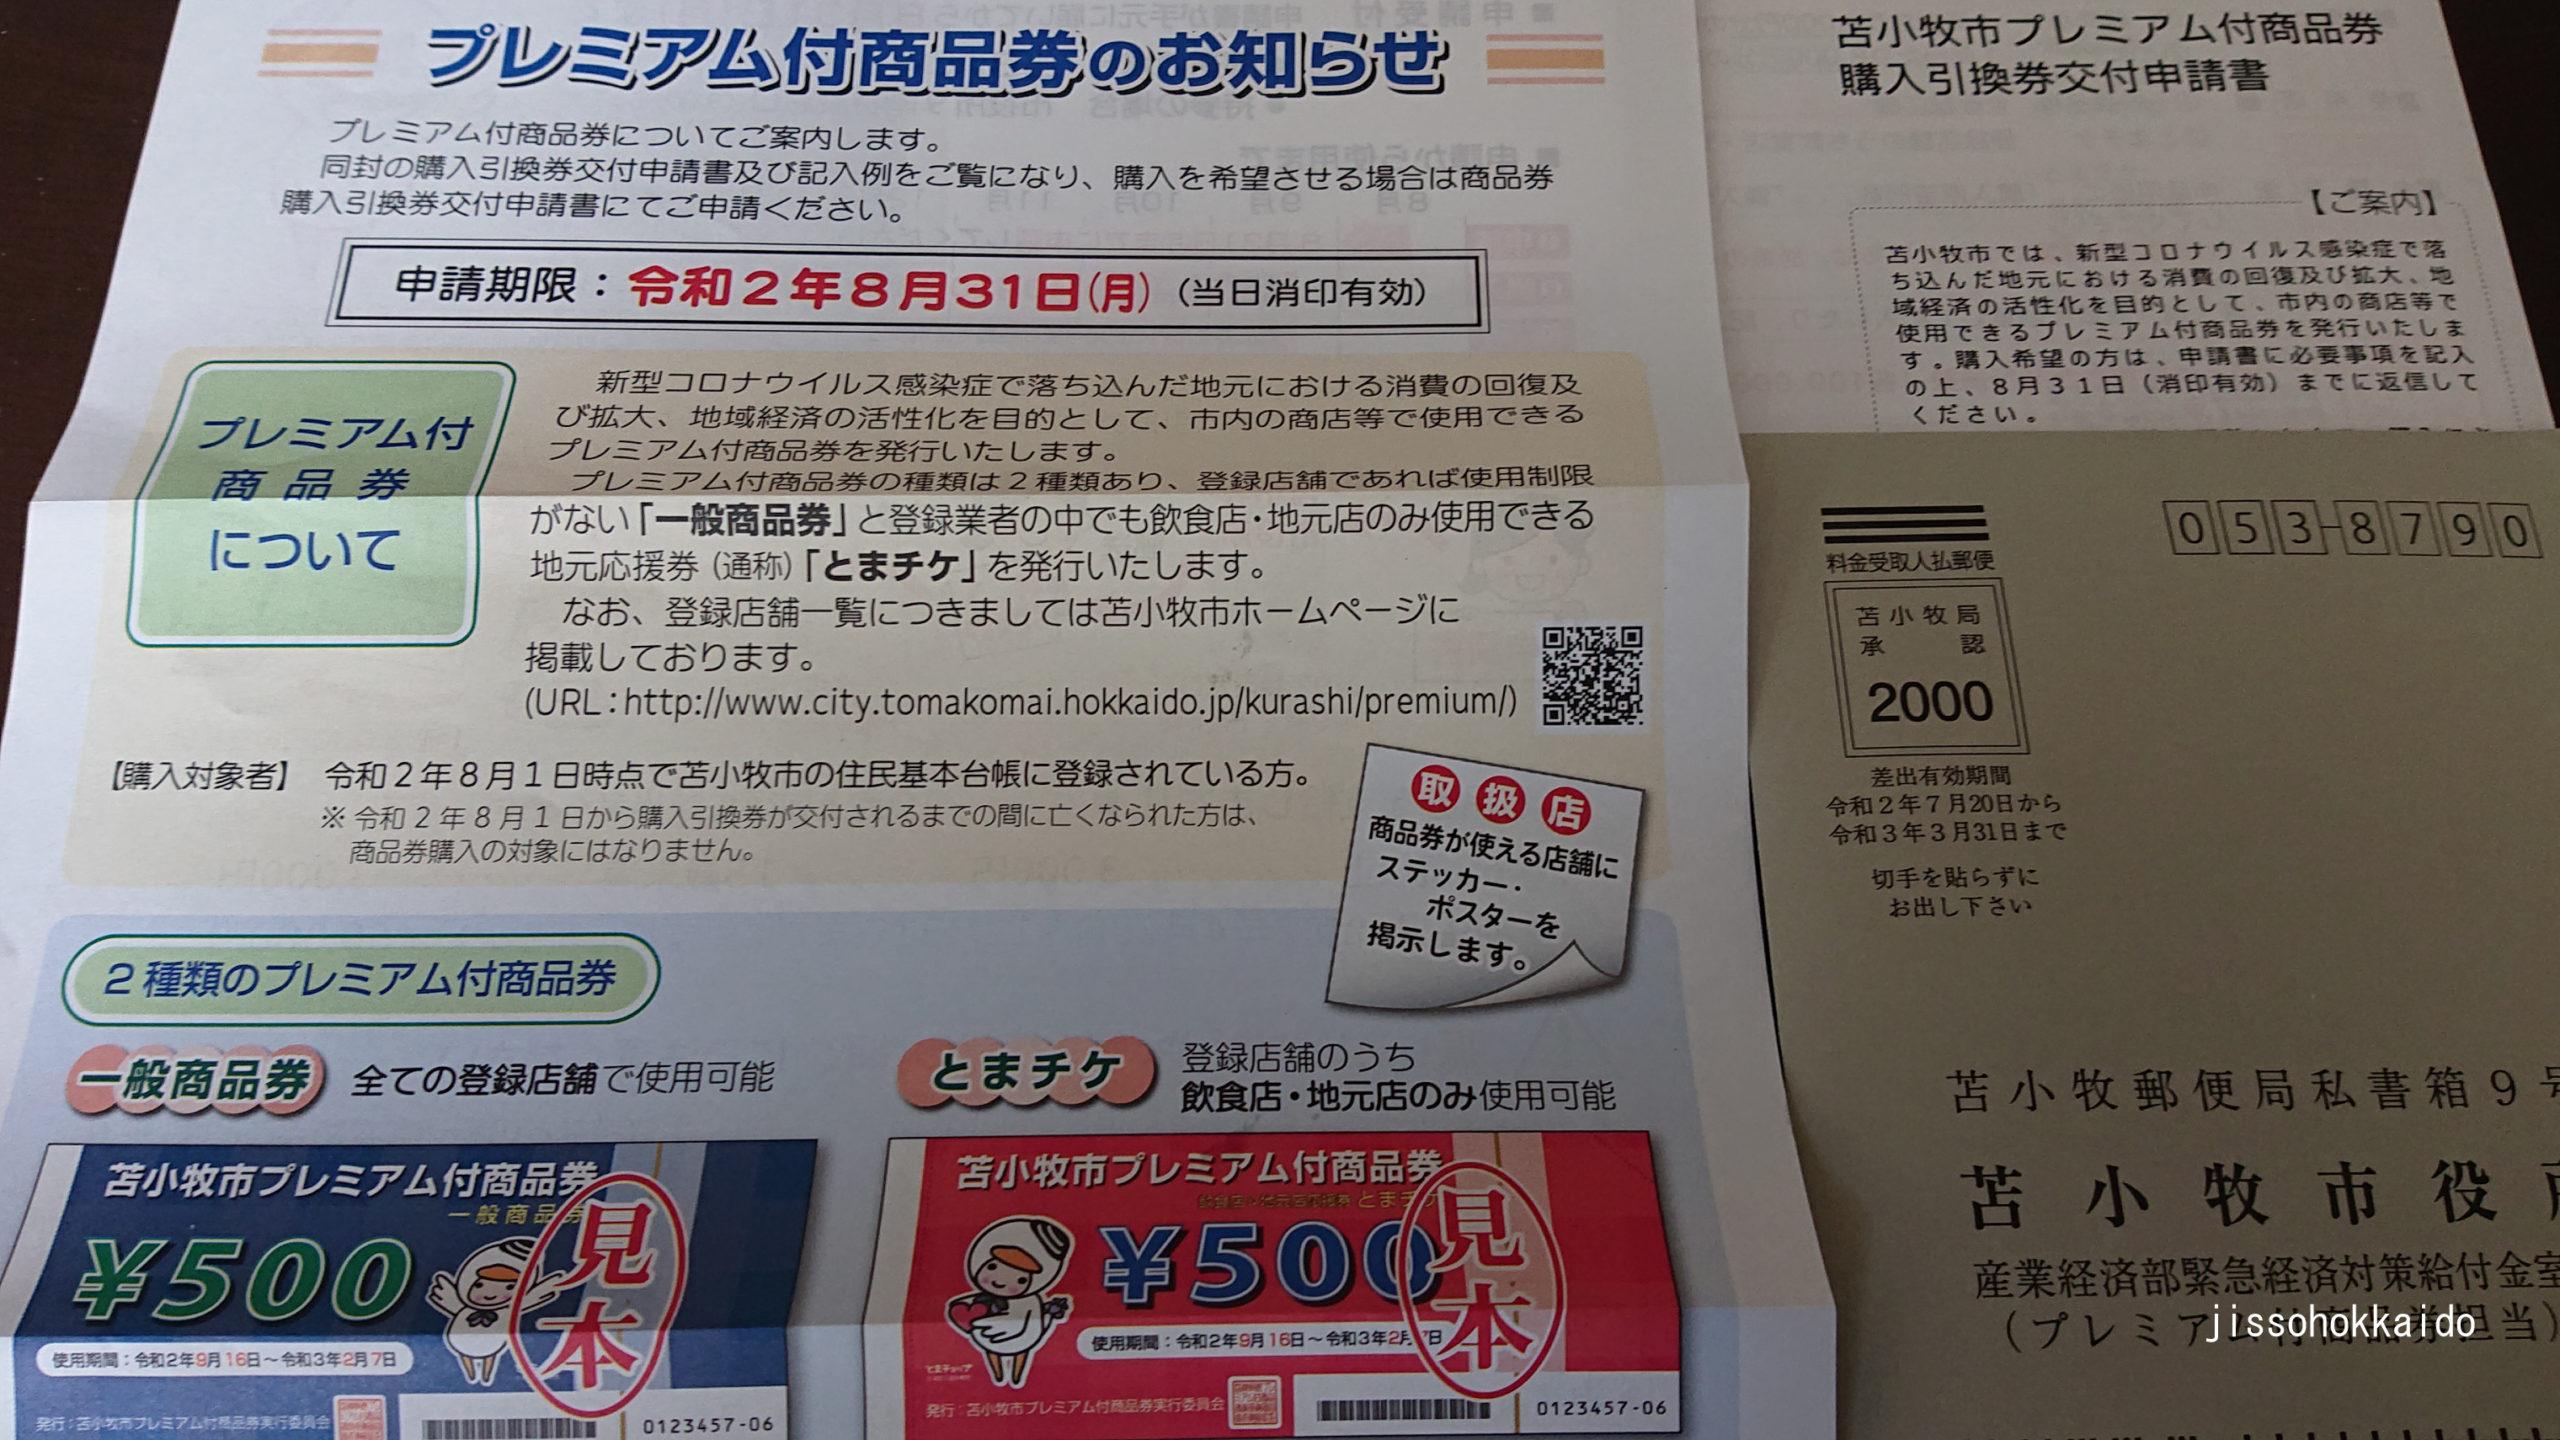 市 券 商品 札幌 プレミアム